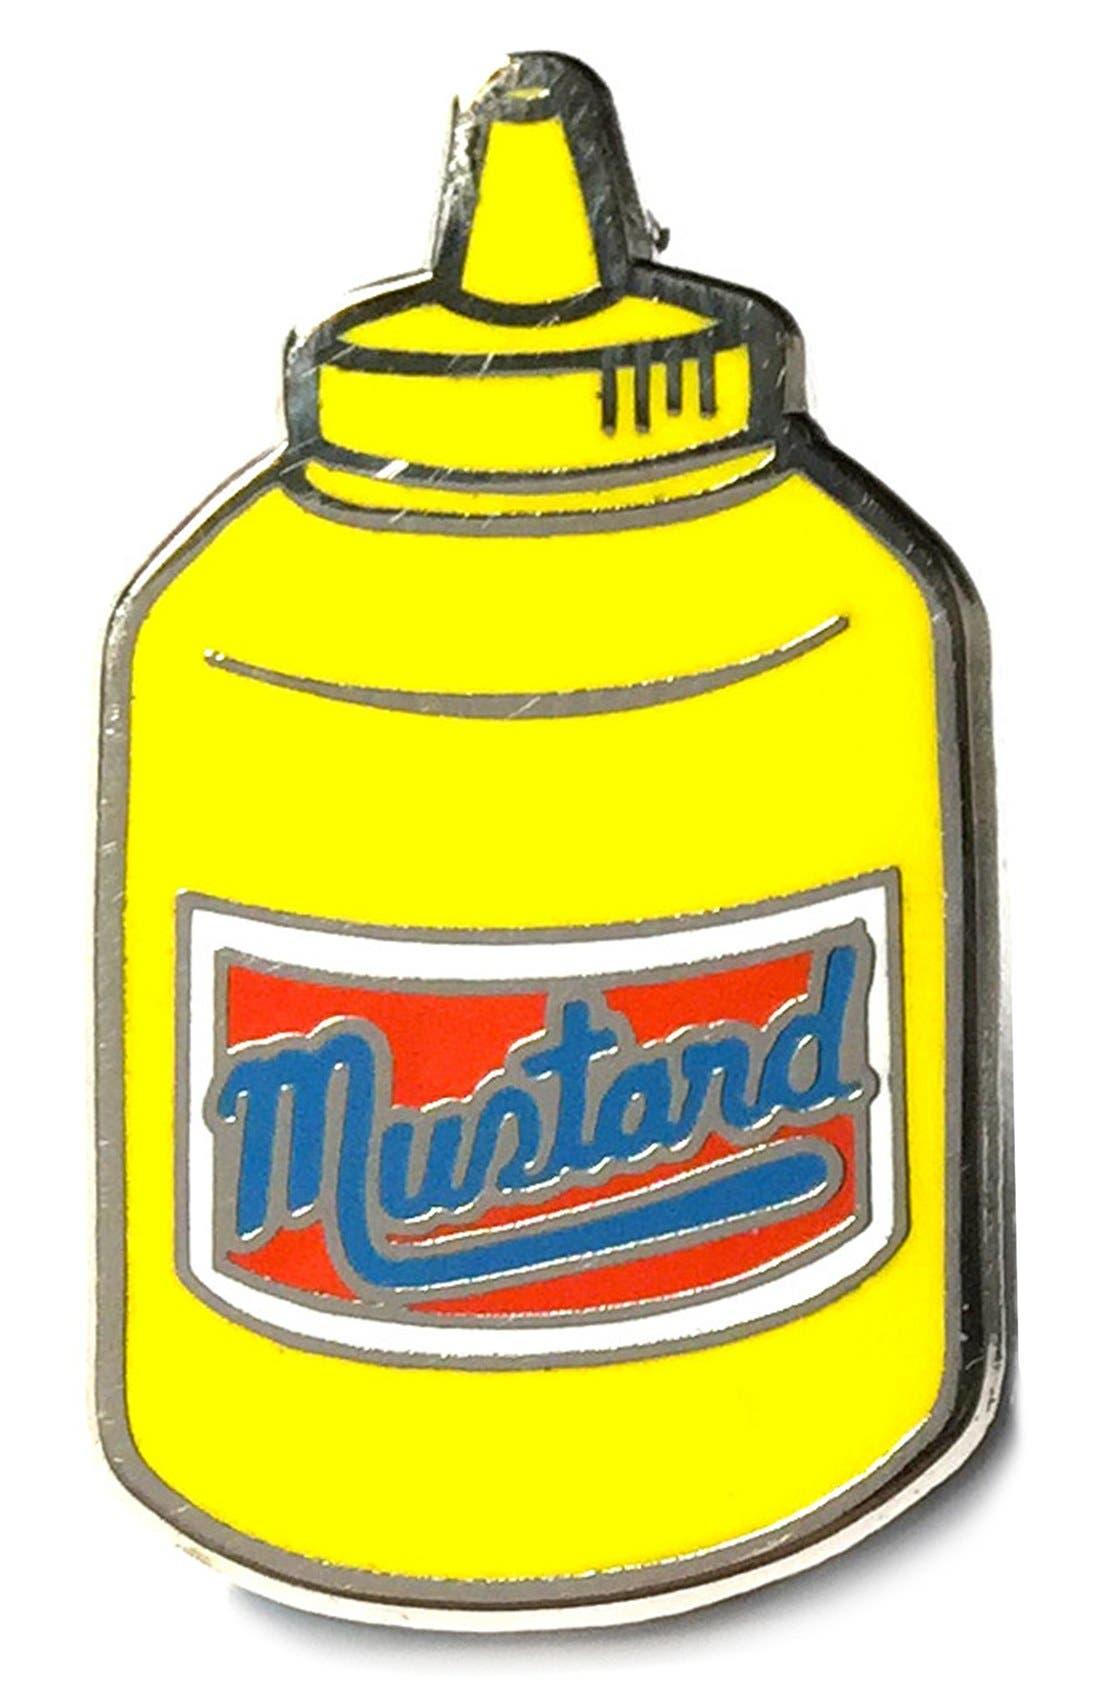 Main Image - PINTRILL 'Mustard' Fashion Accessory Pin